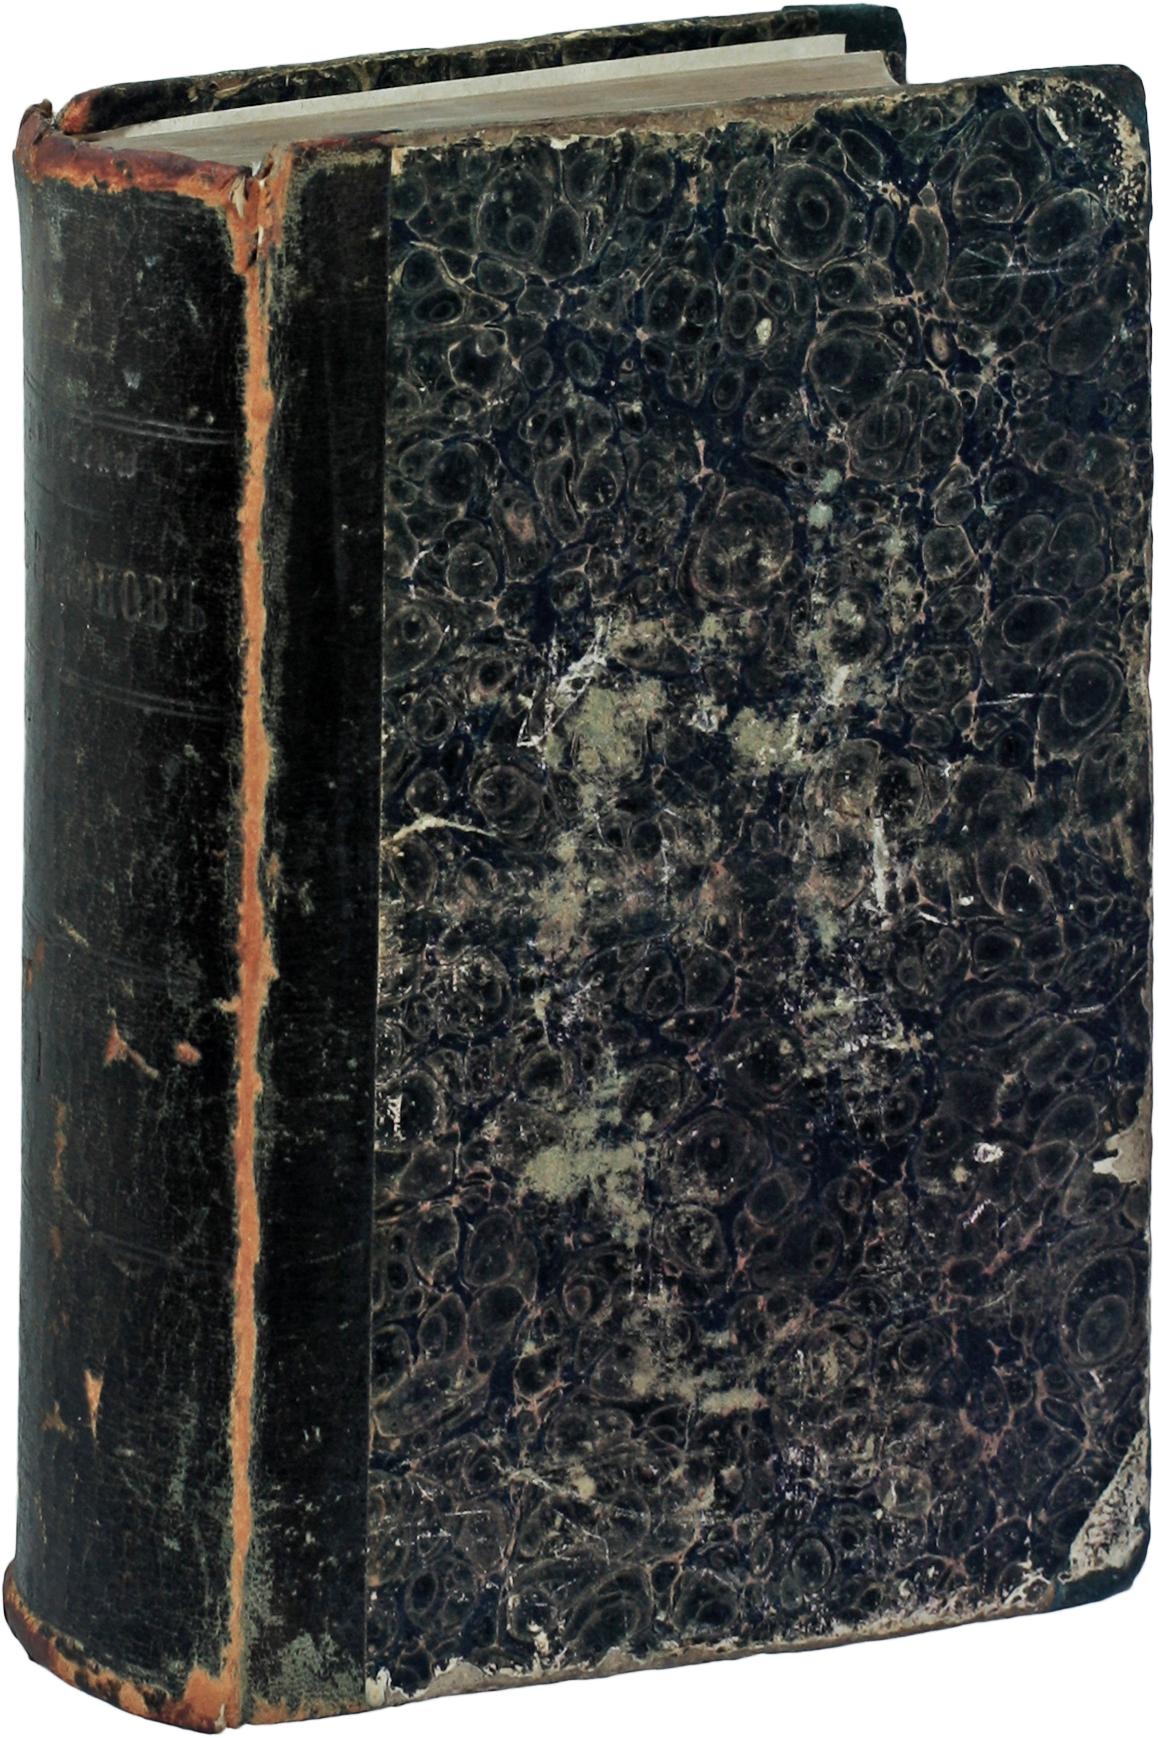 Дух законов. Творение знаменитого французского писателя де Монтескю. В 3 частях (в одной книге)0120710Санкт-Петербург, 1862 год.Старинный полукожаный переплет с тиснением на корешке. Сохранность хорошая.Трактат О духе законов (1748) - основной и итоговый труд Ш. Монтескье. Ему философ посвятил около двадцати лет своей жизни. В этой книге Ш. Монтескье обобщил и привел в систему свои философские, социологические, правовые, экономические и исторические взгляды. В ней он сформулировал и обосновал принцип разделения властей, что современники считали важнейшей заслугой ученого. В вопросе о политическом равенстве влияние Монтескье видится почти исключительным. Он был первым и самым крупным провозвестником свободы и разума.Книга Монтескье сыграла определяющую роль в формировании законодательства революционной Франции, на его идеи опирались и убежденные республиканцы, и приверженцы ограниченной монархии. Все политические силы находили что-то свое во взглядах философа и предлагали разнообразные пути их интерпретации и практического использования.Теория Монтескье повлияла на законодательства многих стран, демократических и не только. В России трактат О духе законов впервые был издан в 1775 г.Не подлежит вывозу за пределы Российской Федерации.